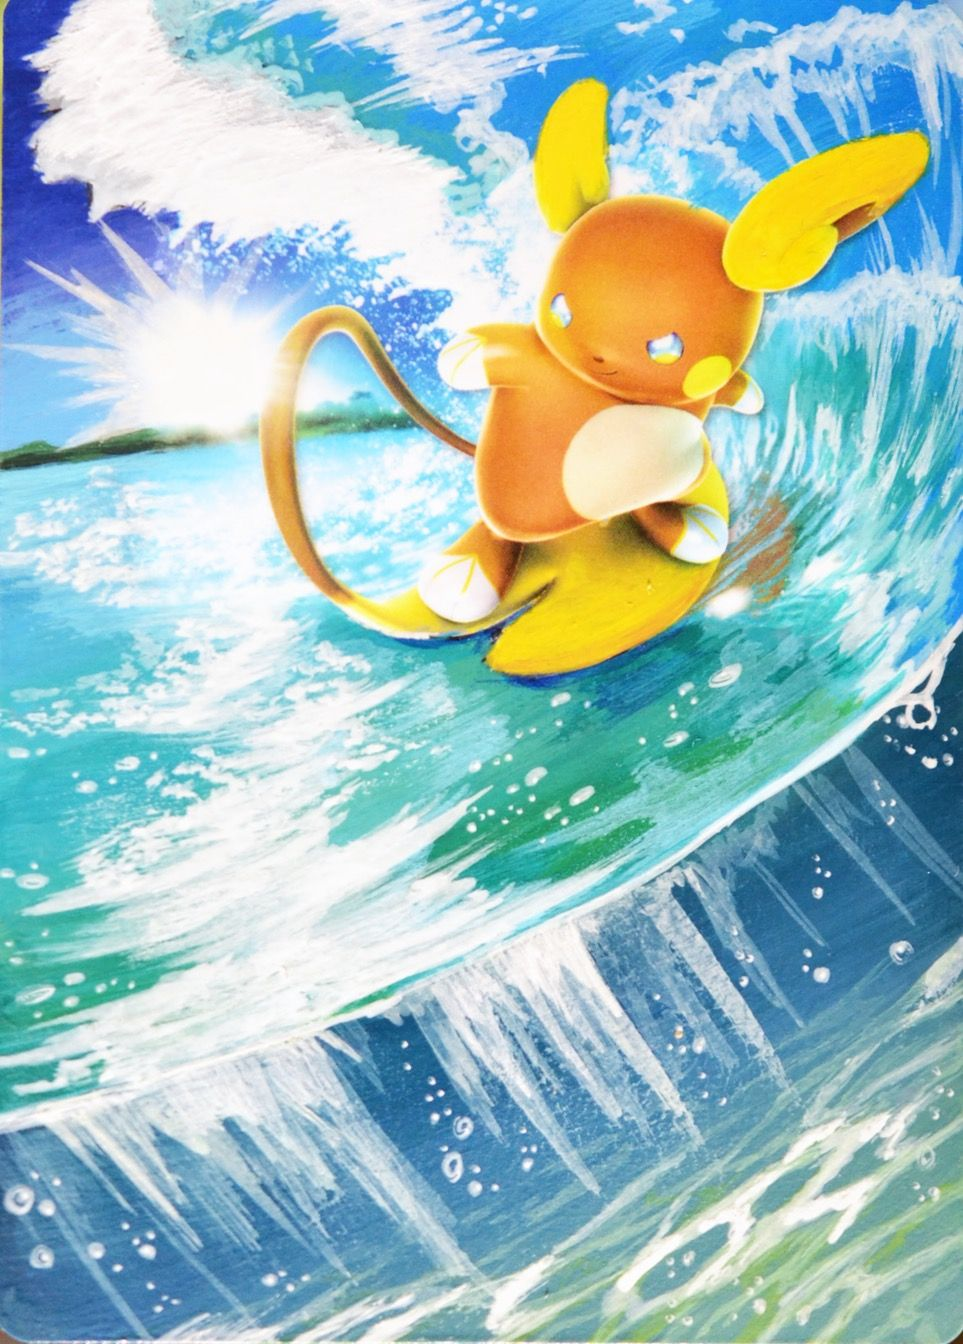 Cute Raichu Wallpaper Alolan Raichu Is So Cool And Cute Surfing On His Tail